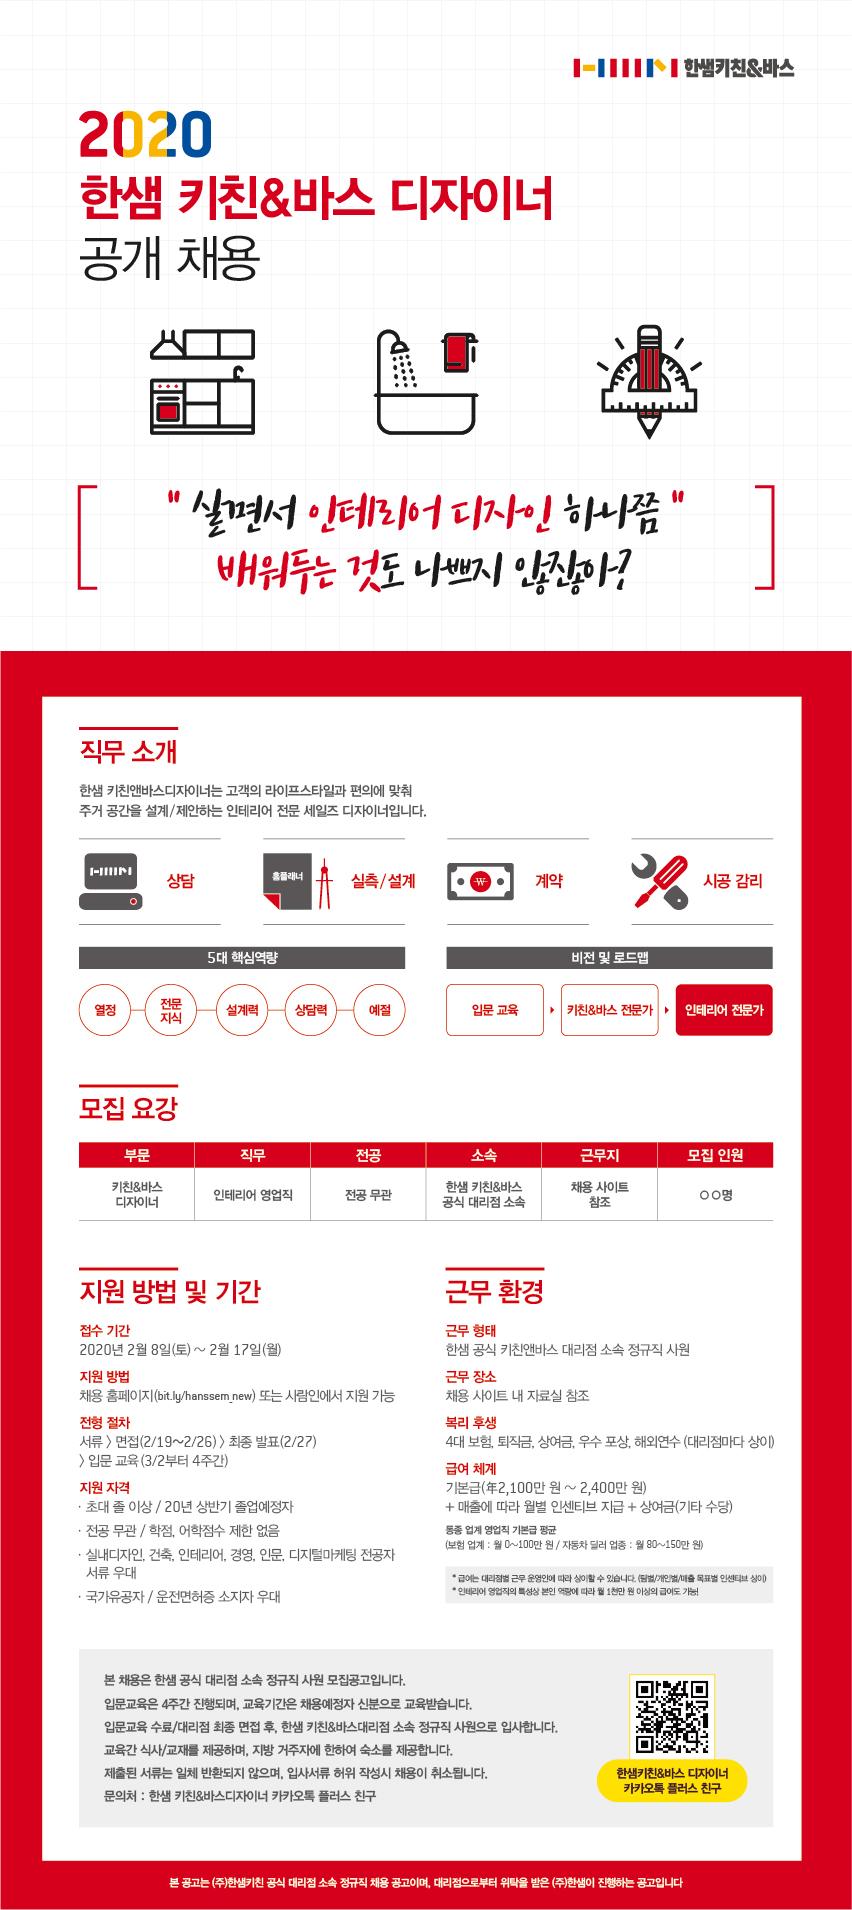 2020 한샘 키친&바스 디자이너 공개 채용_웹공고문_200207.jpg